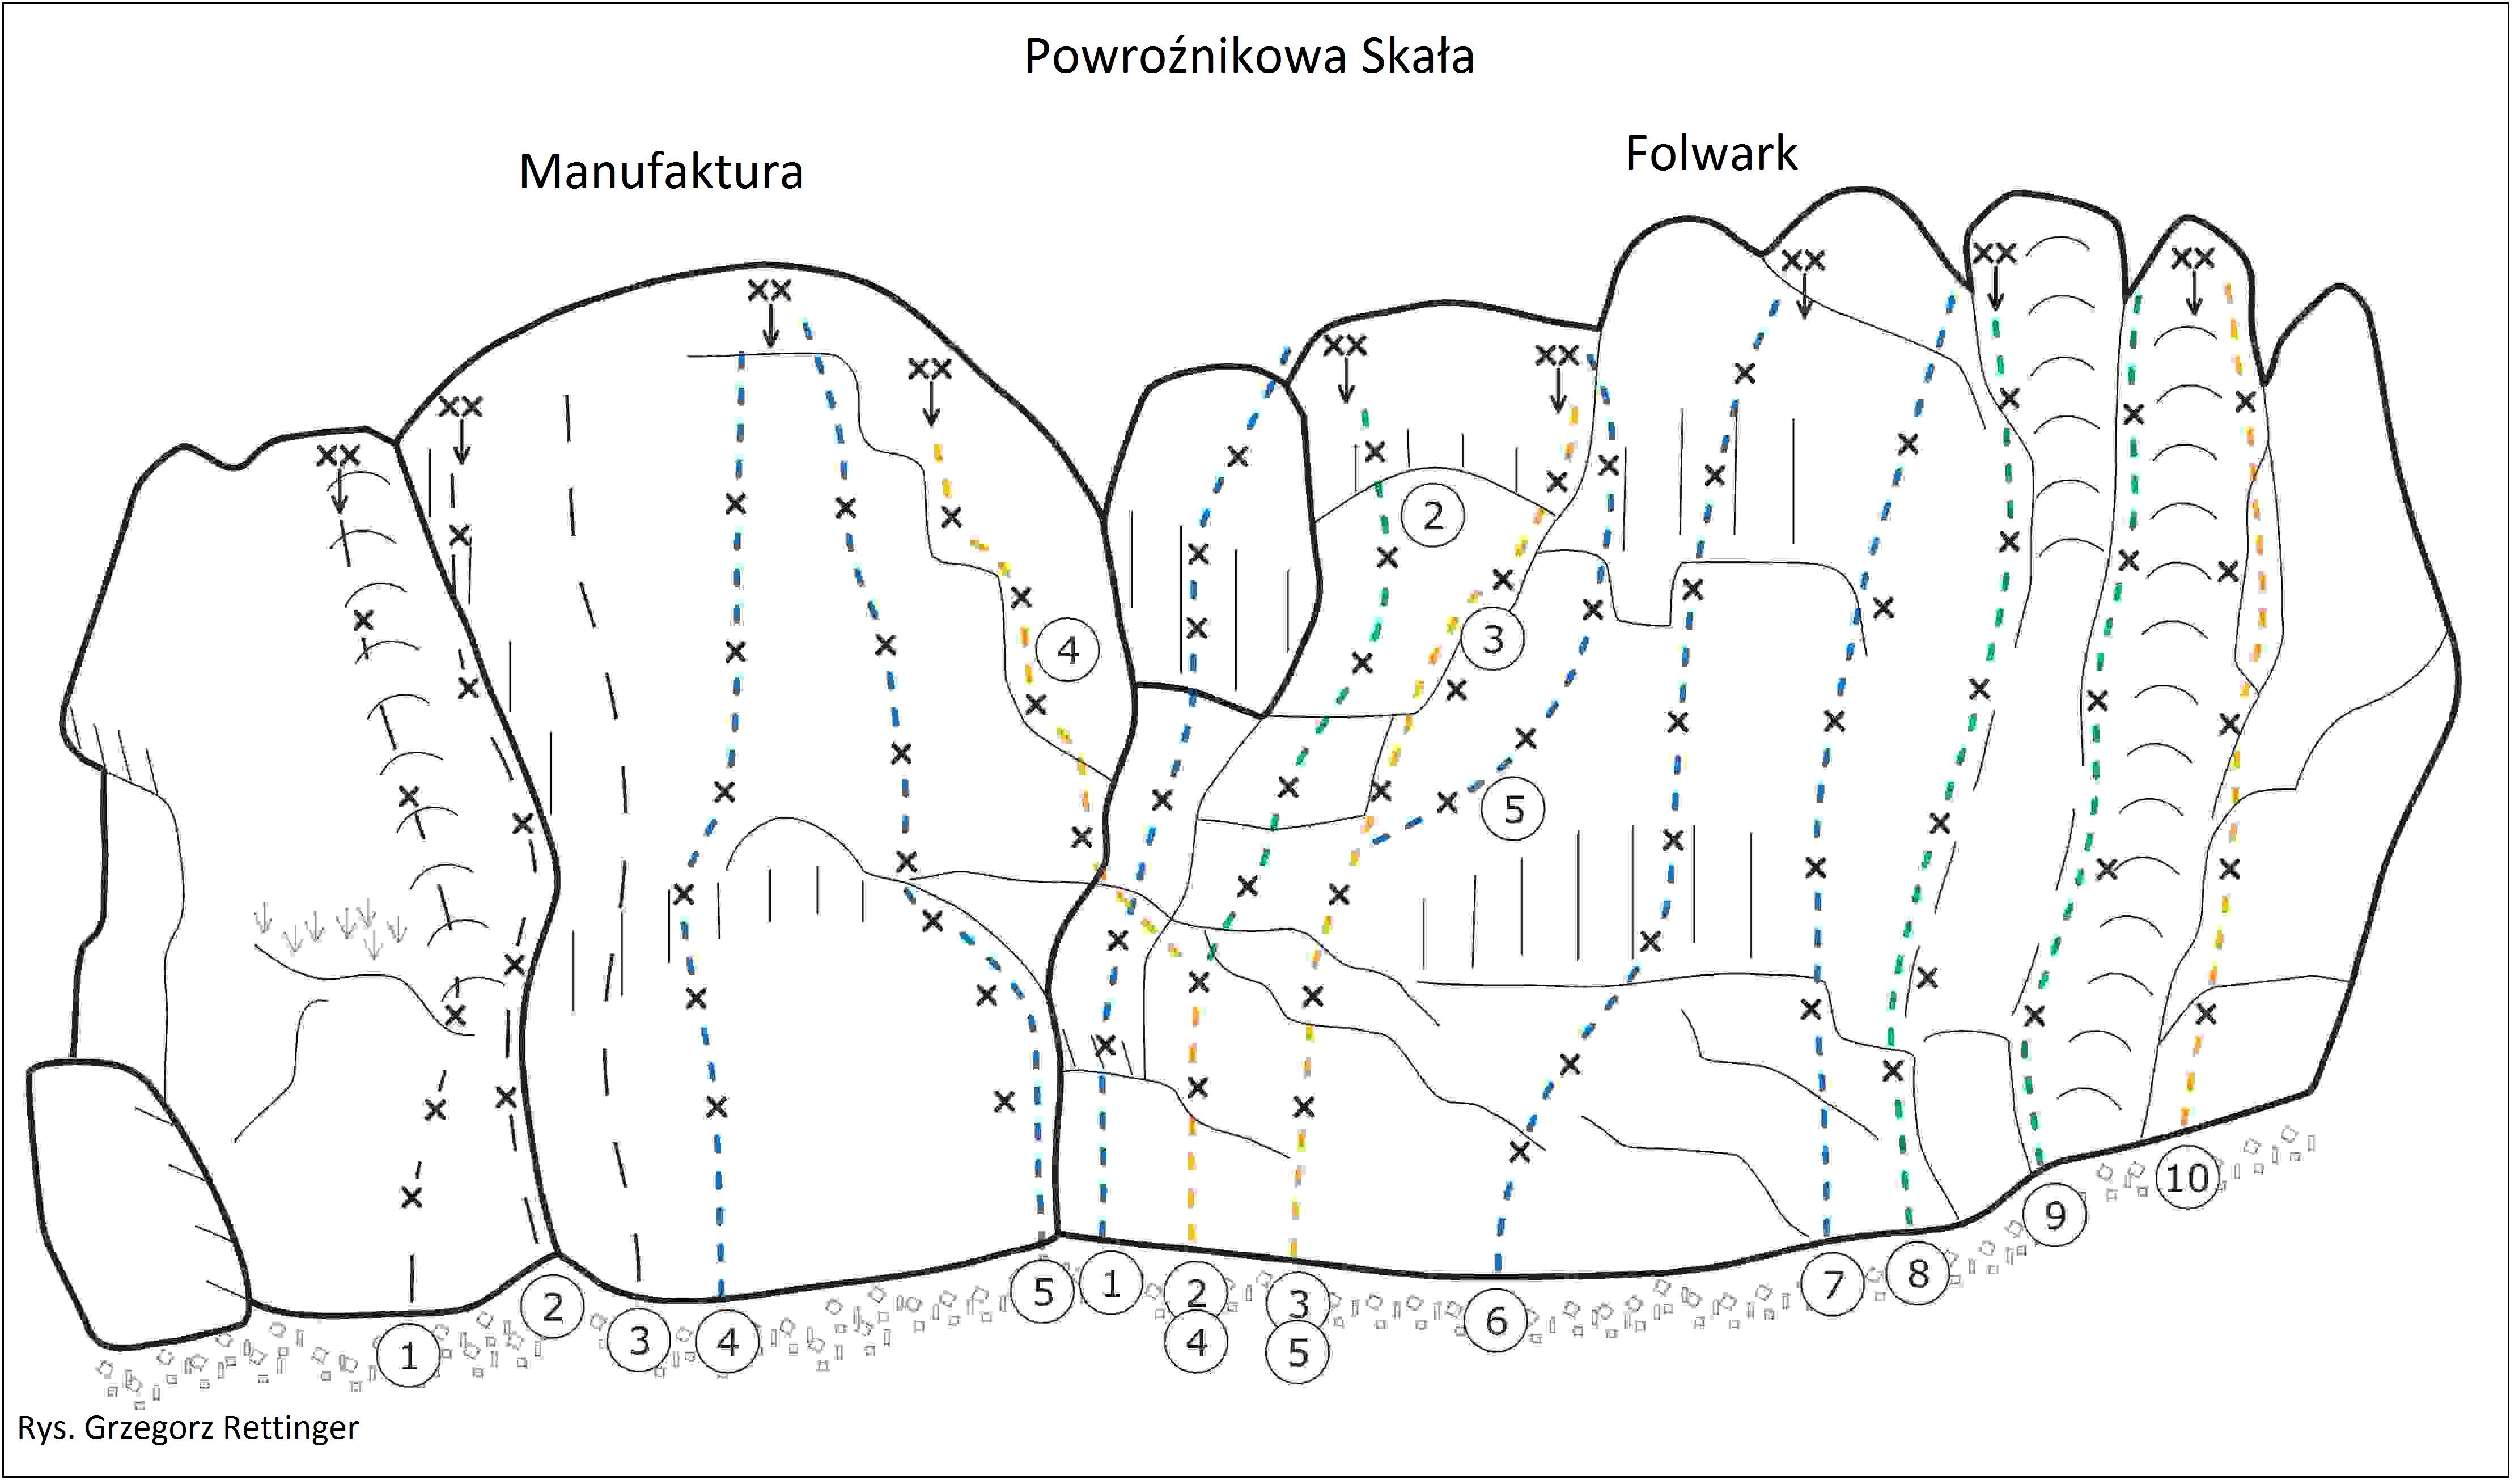 Manufaktura iFolwark dowww